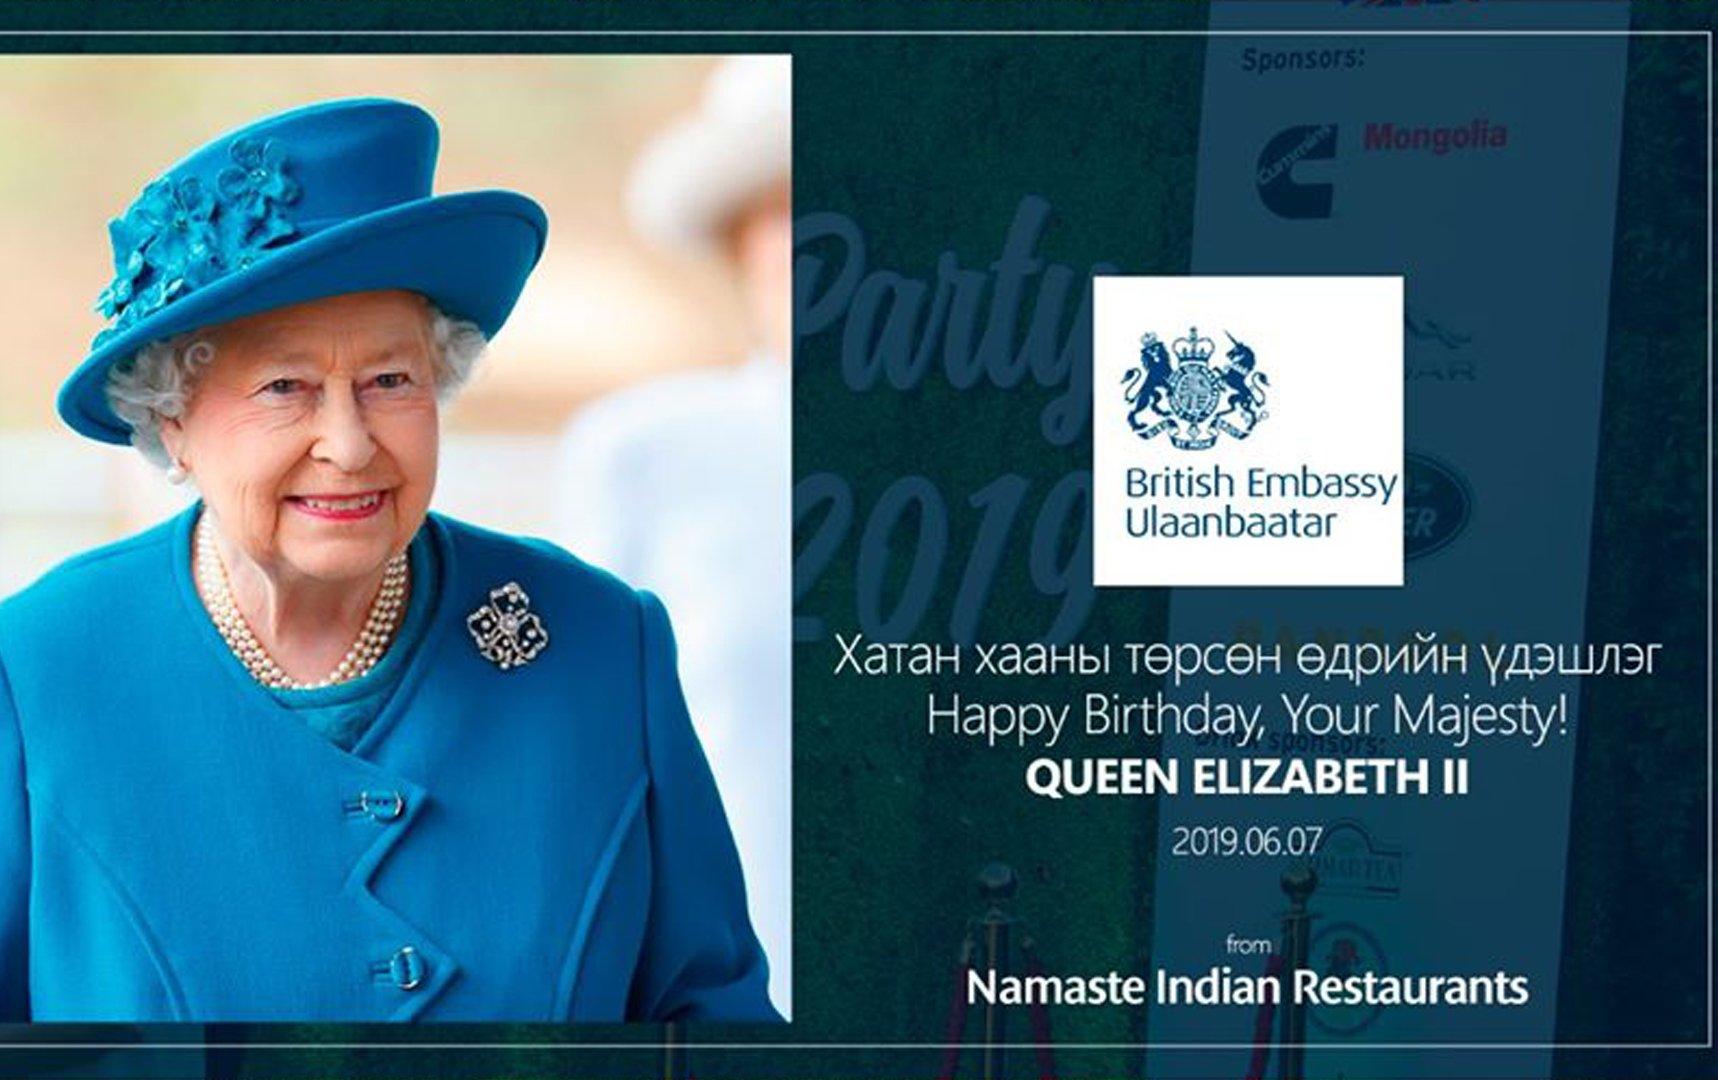 Их Британийн хатан хаан II Елизаветийн төрсөн өдрийн үдэшлэг.